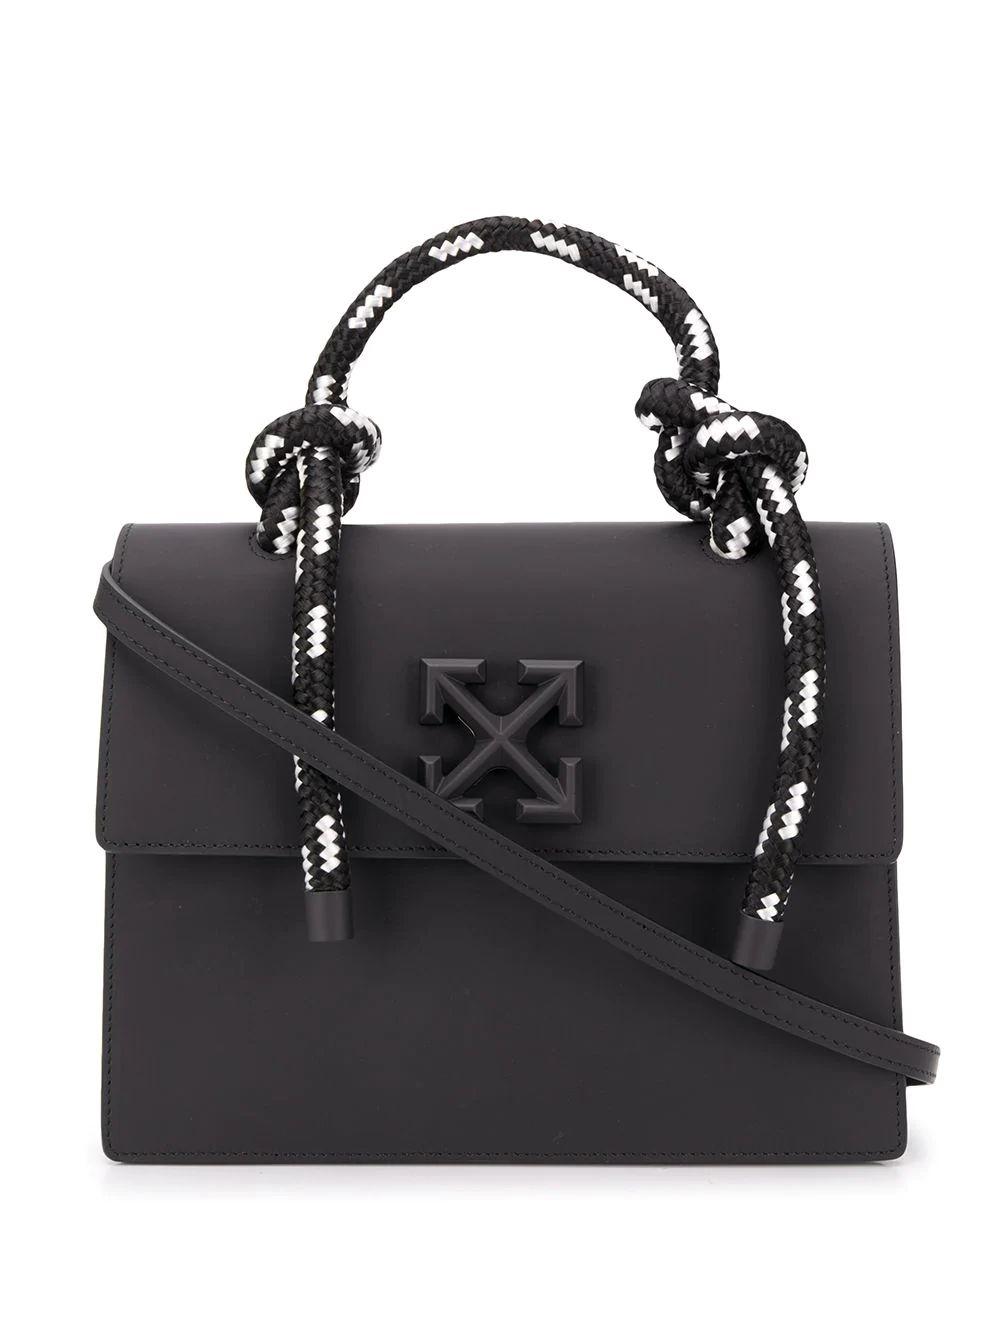 Off-white Women's Black Leather Handbag